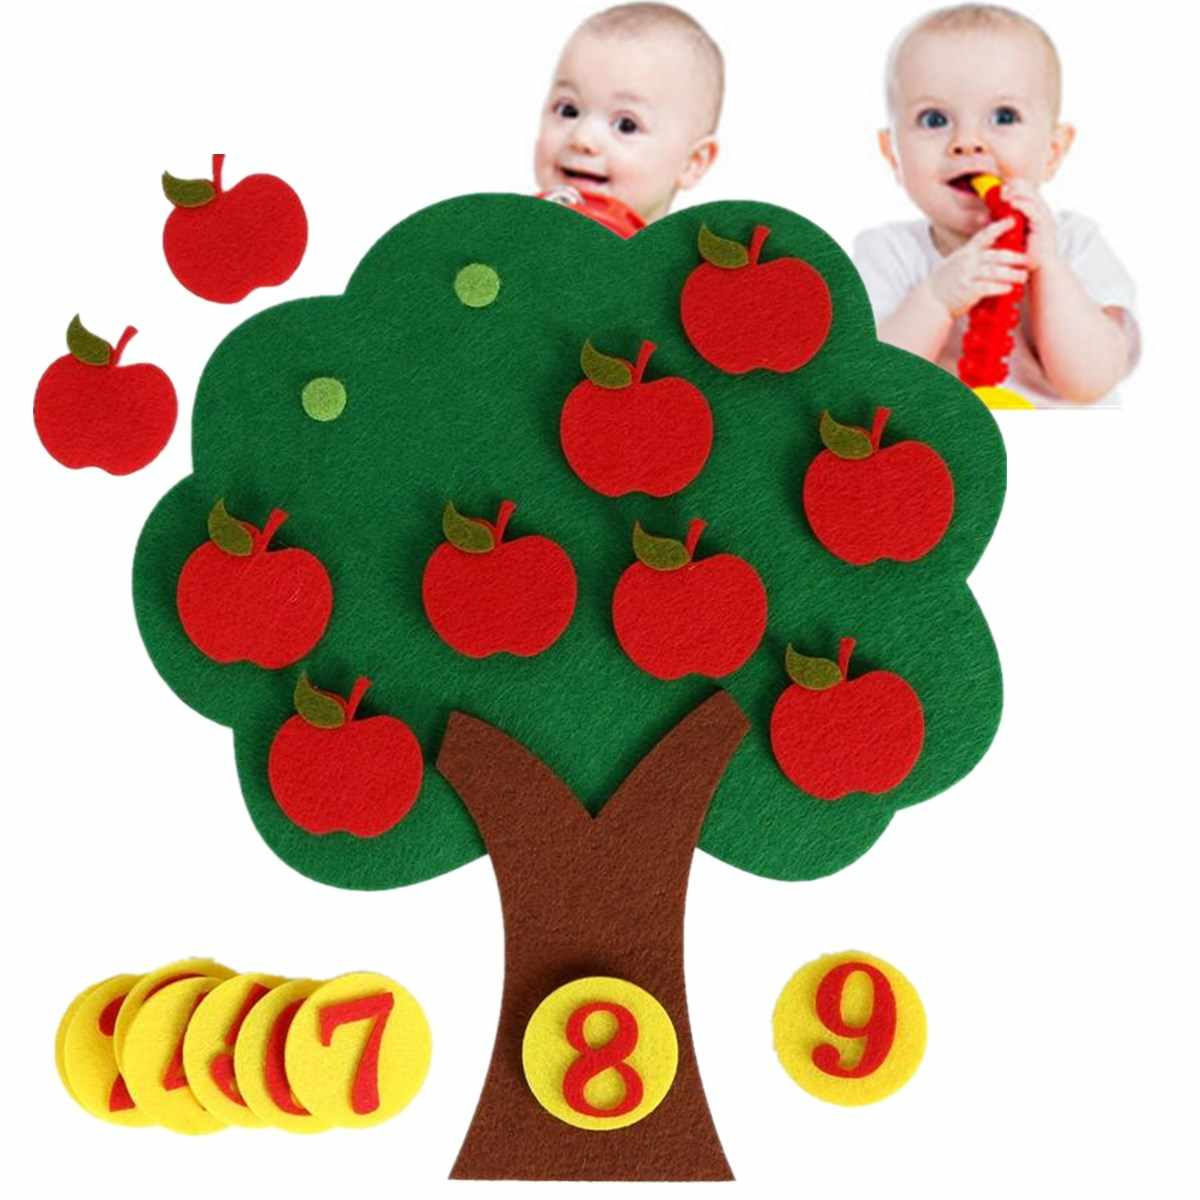 Giảng Dạy Montessori Trợ App le Cây Math Đồ Chơi TỰ LÀM vải Dệt Học Tập Sớm Đồ Chơi Giáo Dục Giảng Dạy Mẫu Giáo Math Đồ Chơi